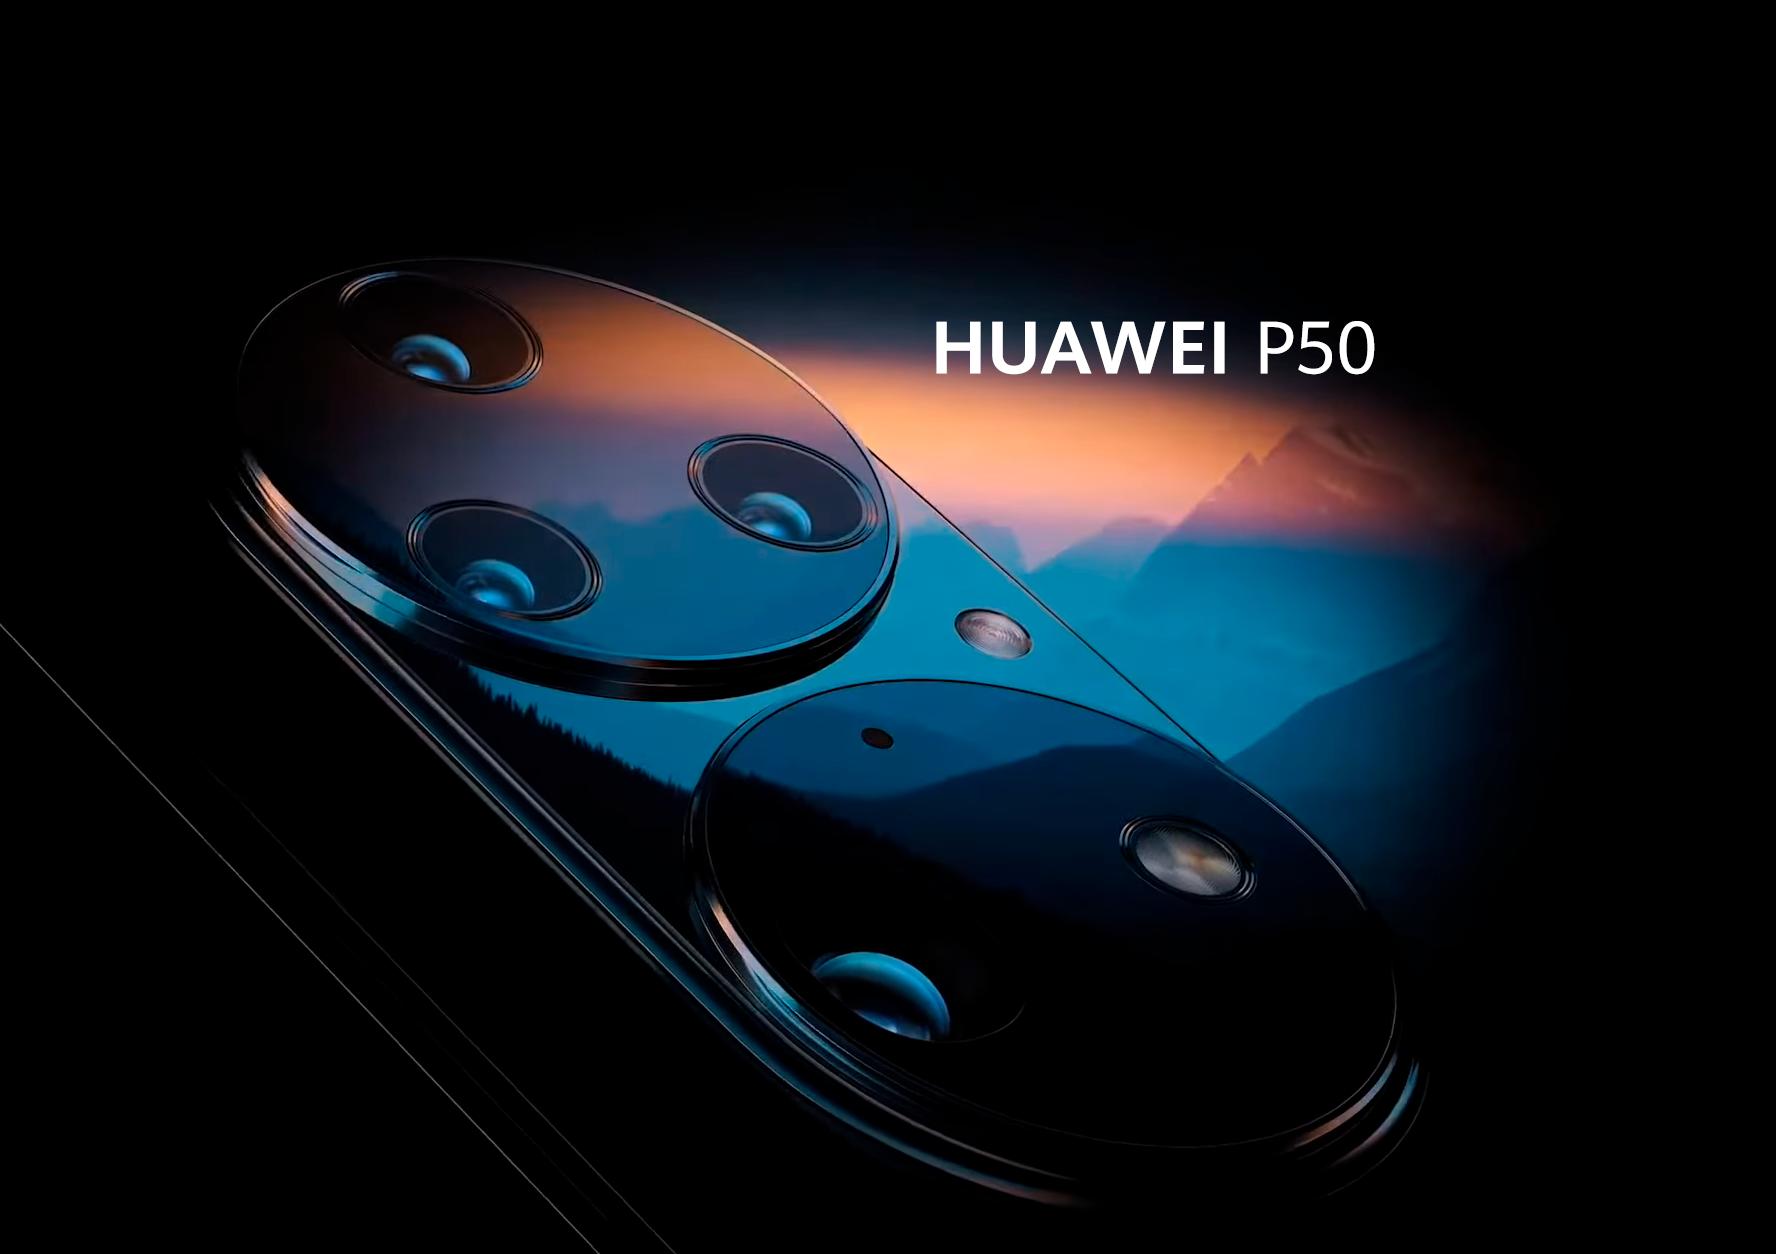 Primer vistazo al Huawei P50 más espectacular, ¿quién ha pedido este color?